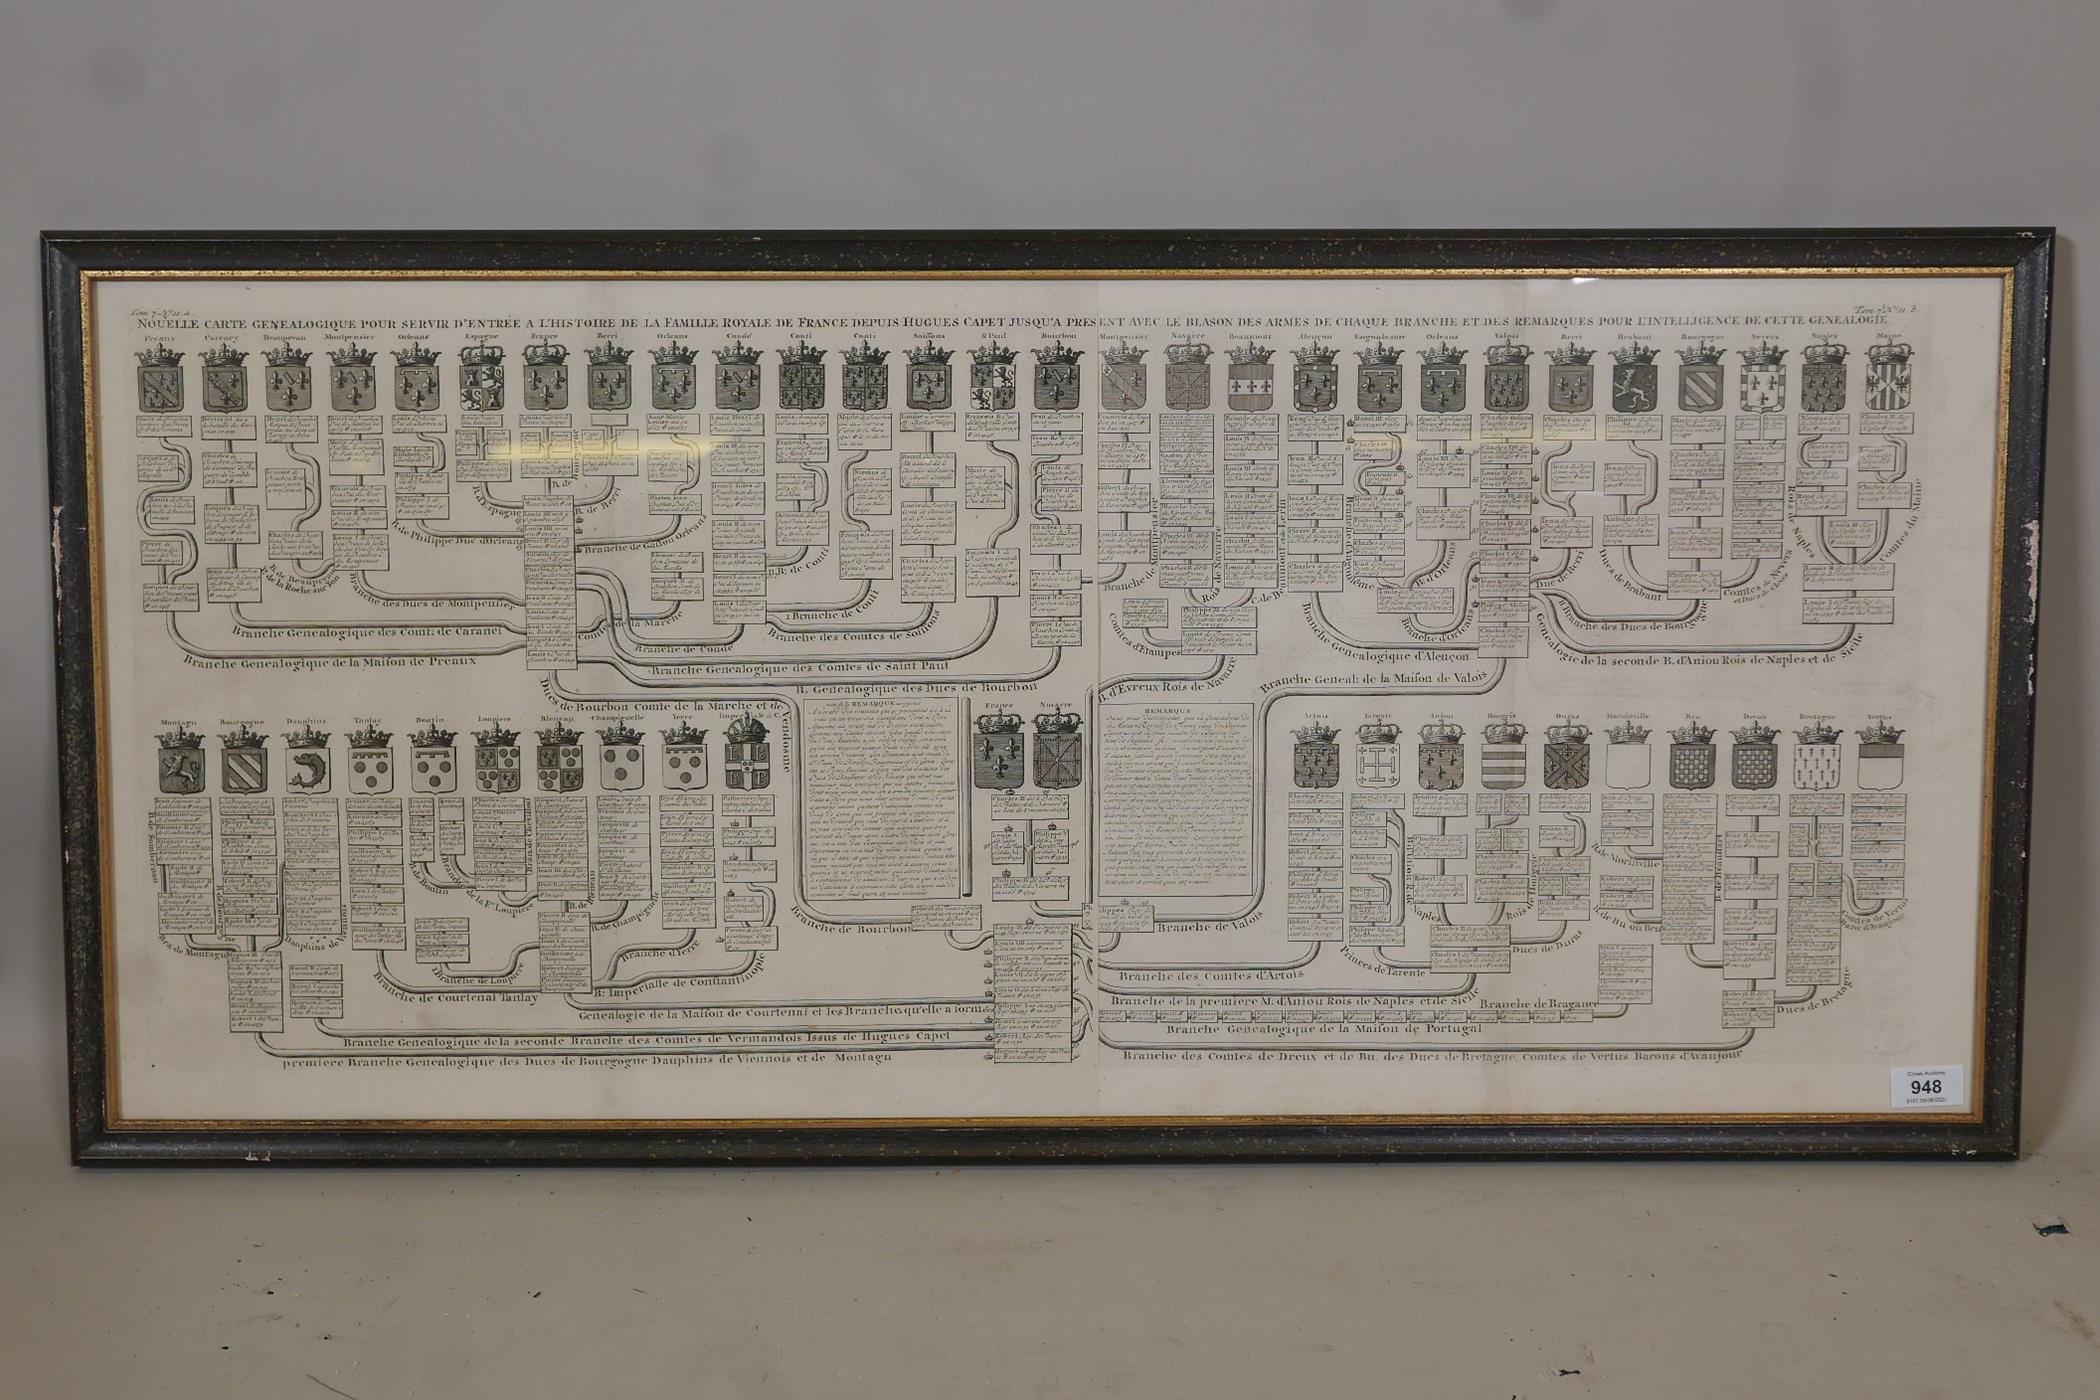 An C18th heraldic engraving, Nouvelle Carte Genealogique, pour servir d'entree a l'histoire de la